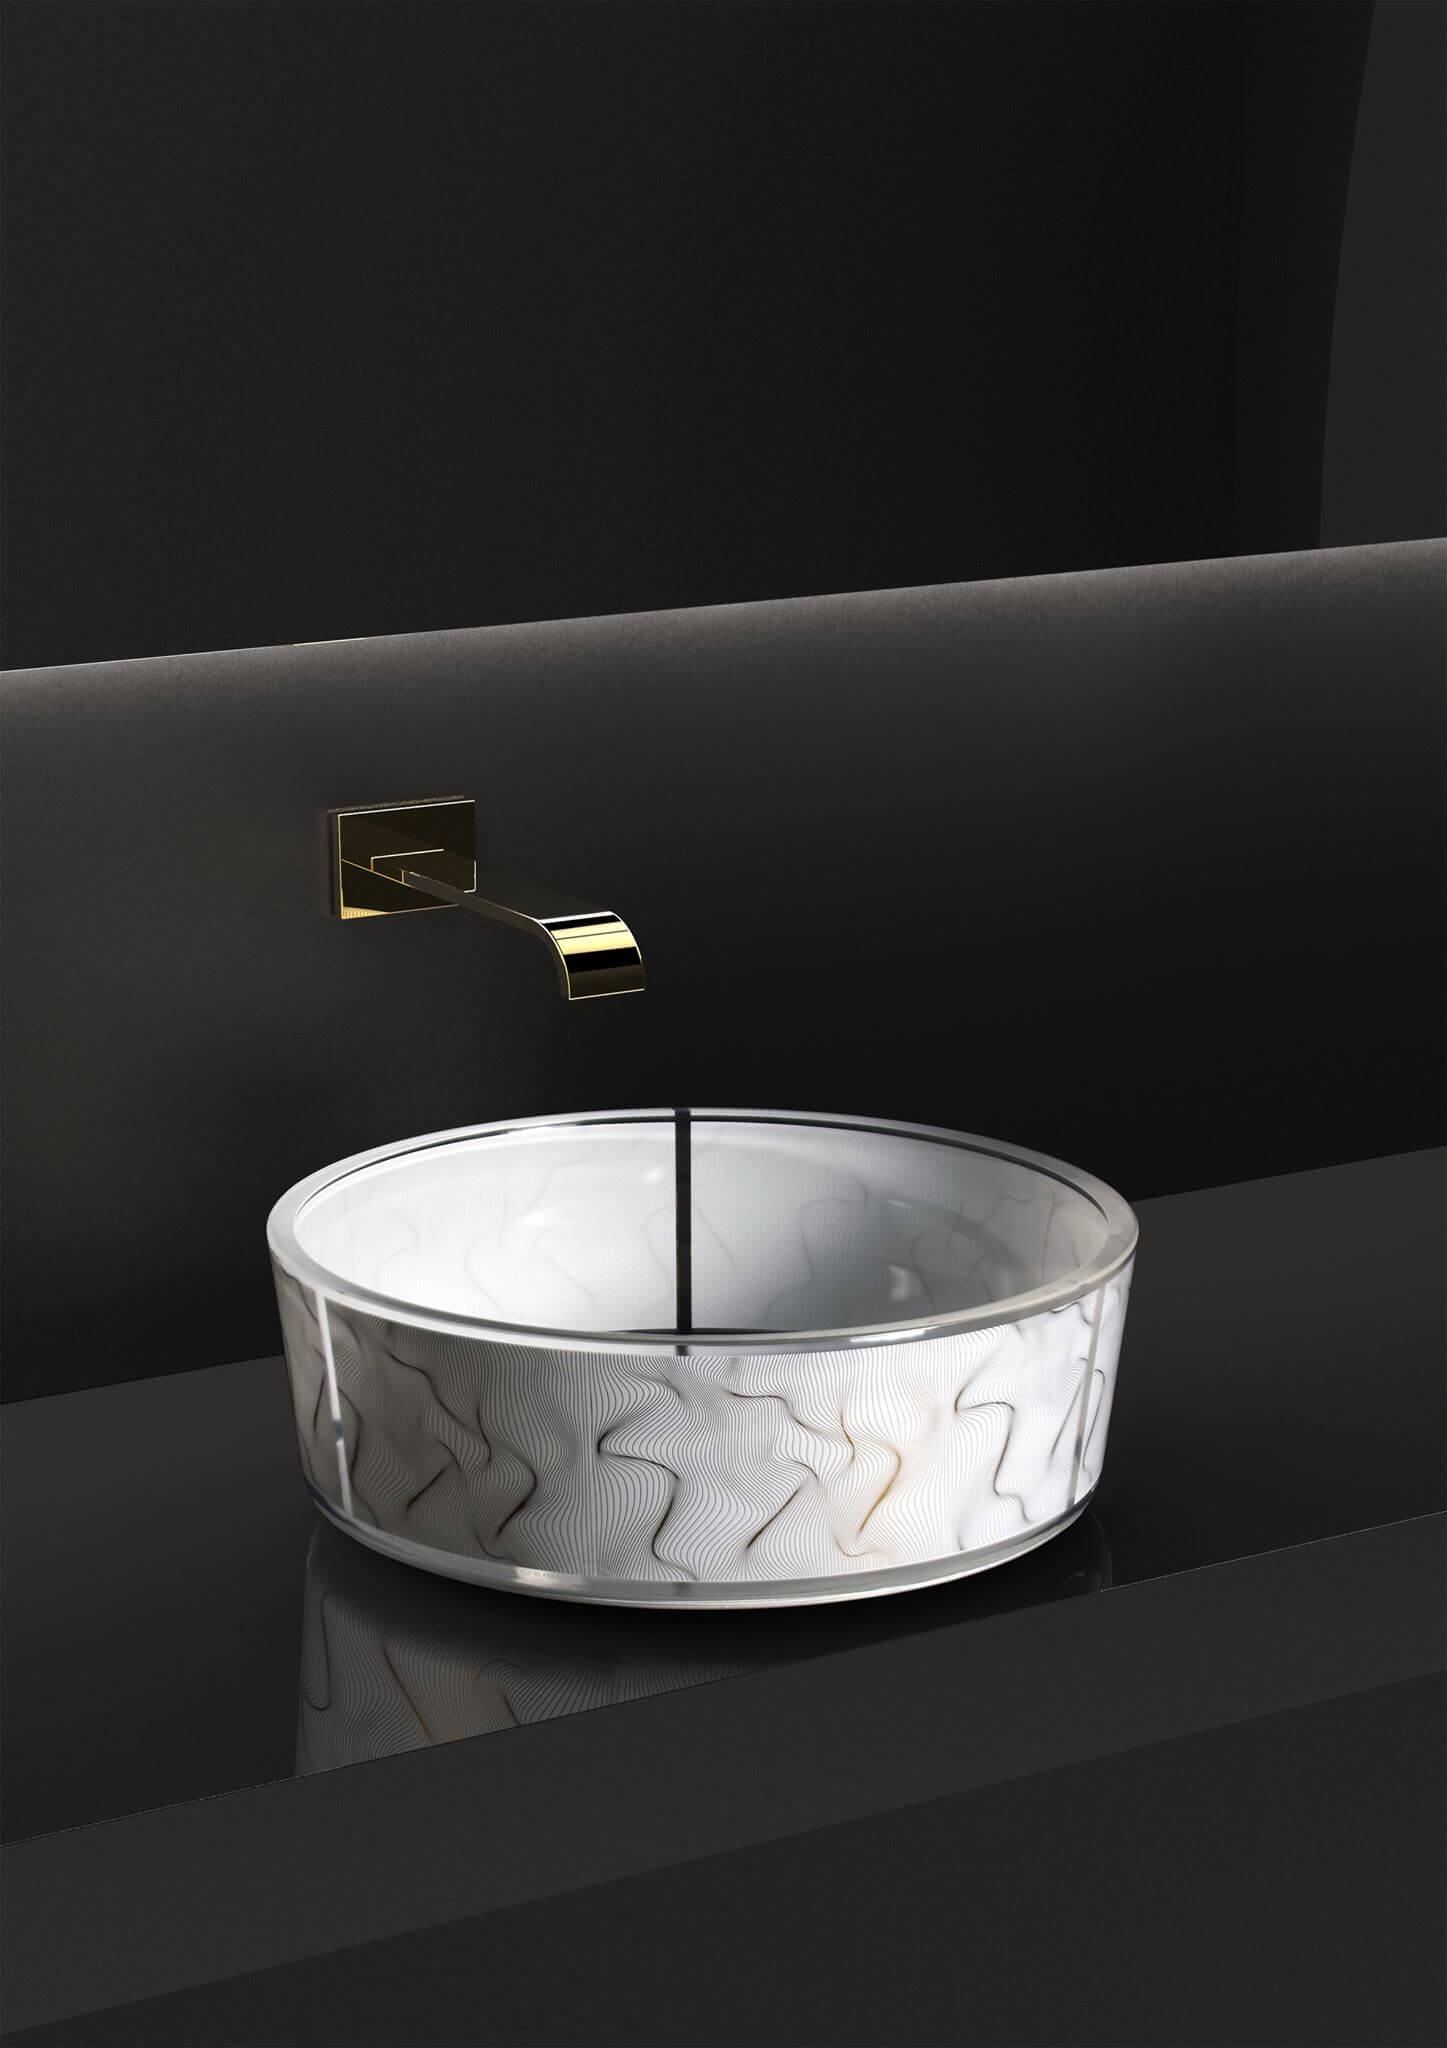 """Die kühne Interpretation für fast ein digitalisiertes Glass Design durch den Designer erhält so eine ganz neue Optik die durch die Anwesenheit von Gold verschönert wurde – so entsteht der Look zum Glaswaschbecken mit Goldsiebdruck. Die perfekte Synergie mit Karim Rashids hat somit eine kühne künstlerische Dekorationen hervor gebracht - die zugleich auch eine futuristische und luxuriöse Beckenauswahl entstehen ließ. Es ist eine Serie die """"digitalisiert"""", raffiniert und elegant in gleichem Maße. Aufsatzwaschbecken aus Kristall mit Siebdruck (Serigraphie) in Gold. Größe: mm Ø 400 x h.150"""